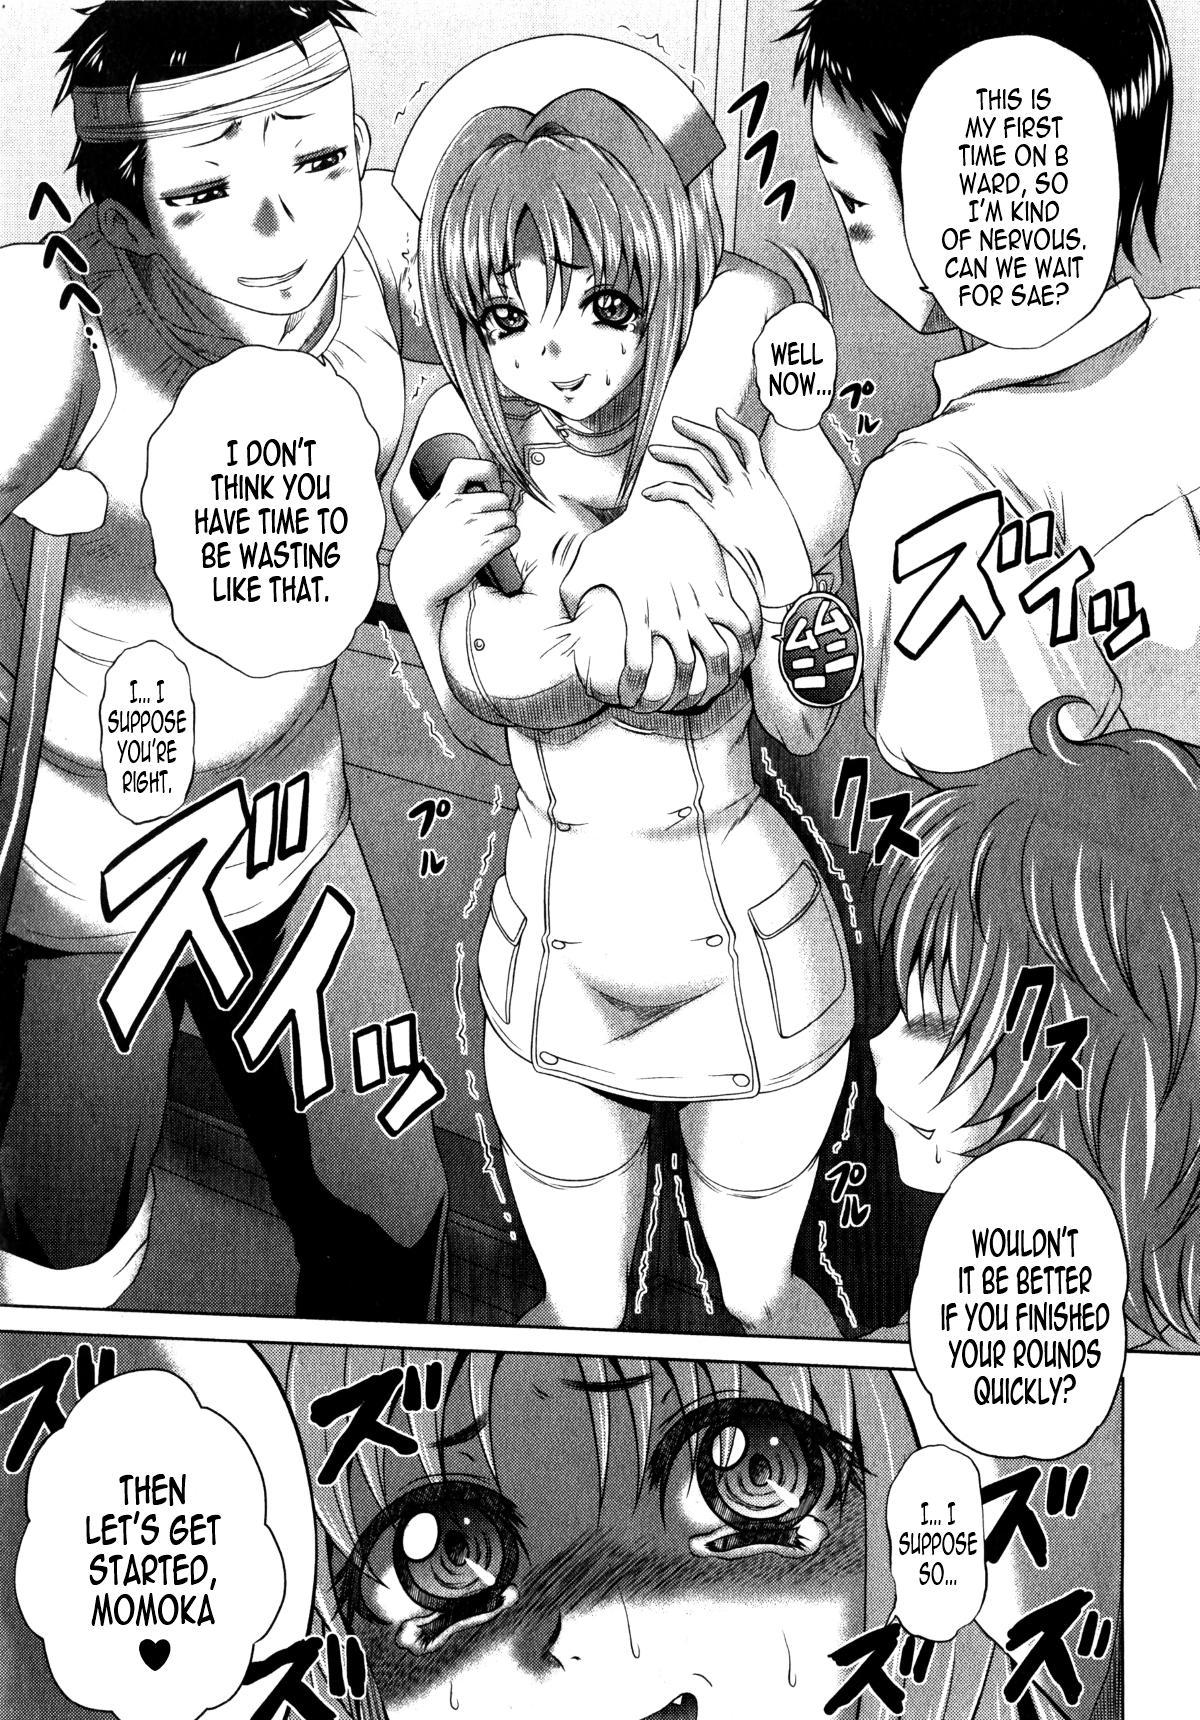 [Kaname Aomame] Youkoso Yosakura Byouin e - Kuroi Nurse no Nichijou   Welcome to Yosakura Hospital - The Daily Life of Nurse Kuroi (COMIC Shingeki 2014-11) [English] [B.E.C. Scans] 24